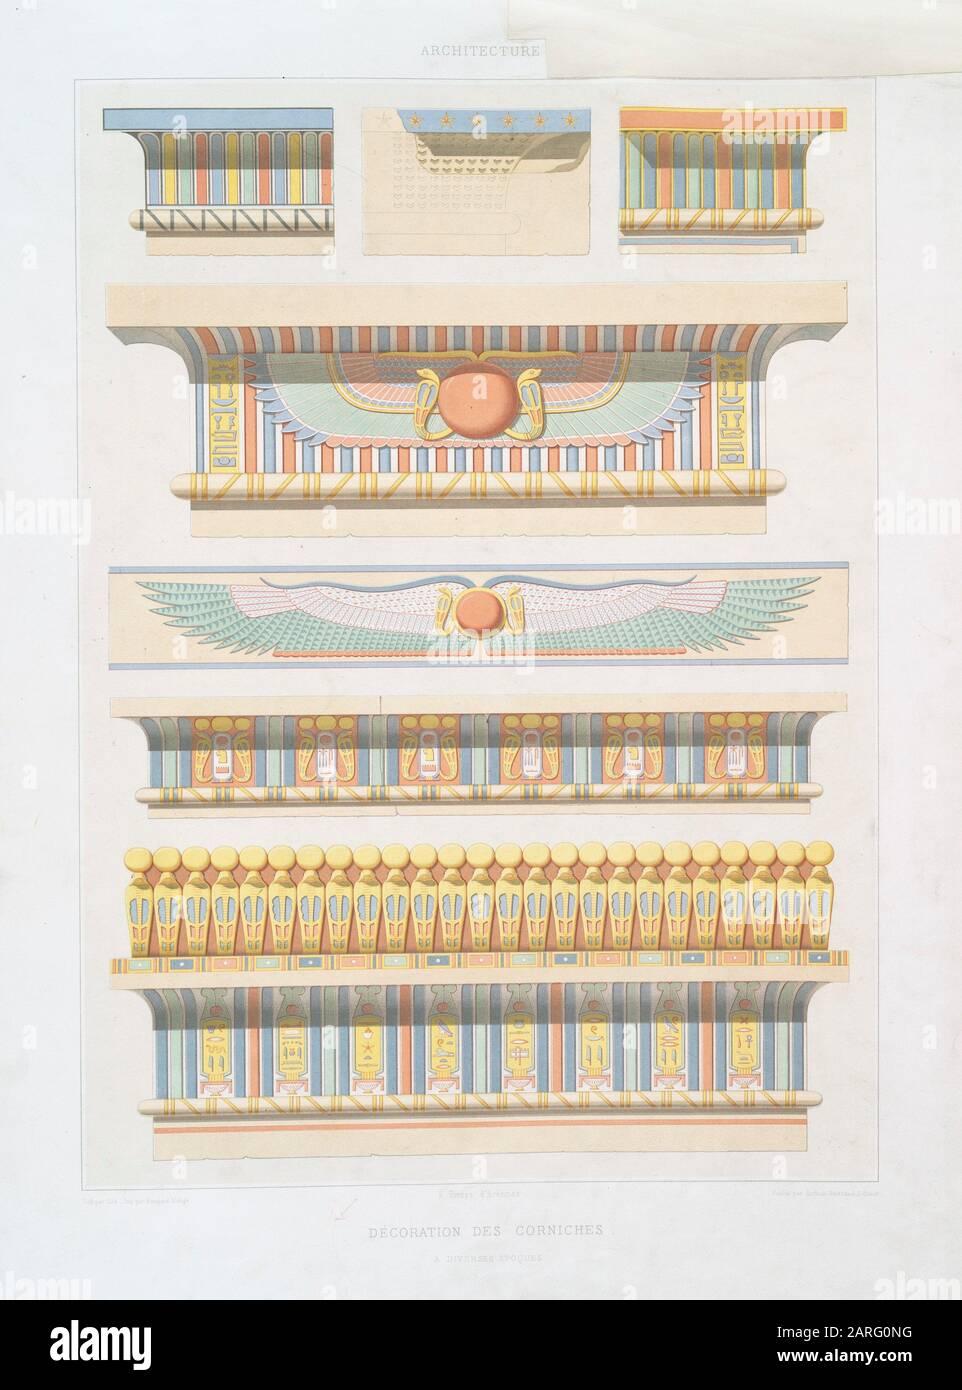 Architektur: Dekoration von Gesimsen, zu verschiedenen Zeiten. Prisse d'Avnes, 1807-1879 (Autor) Ollé (Lithograph) Prisse d'Avonnes (1807-1879) Stockfoto